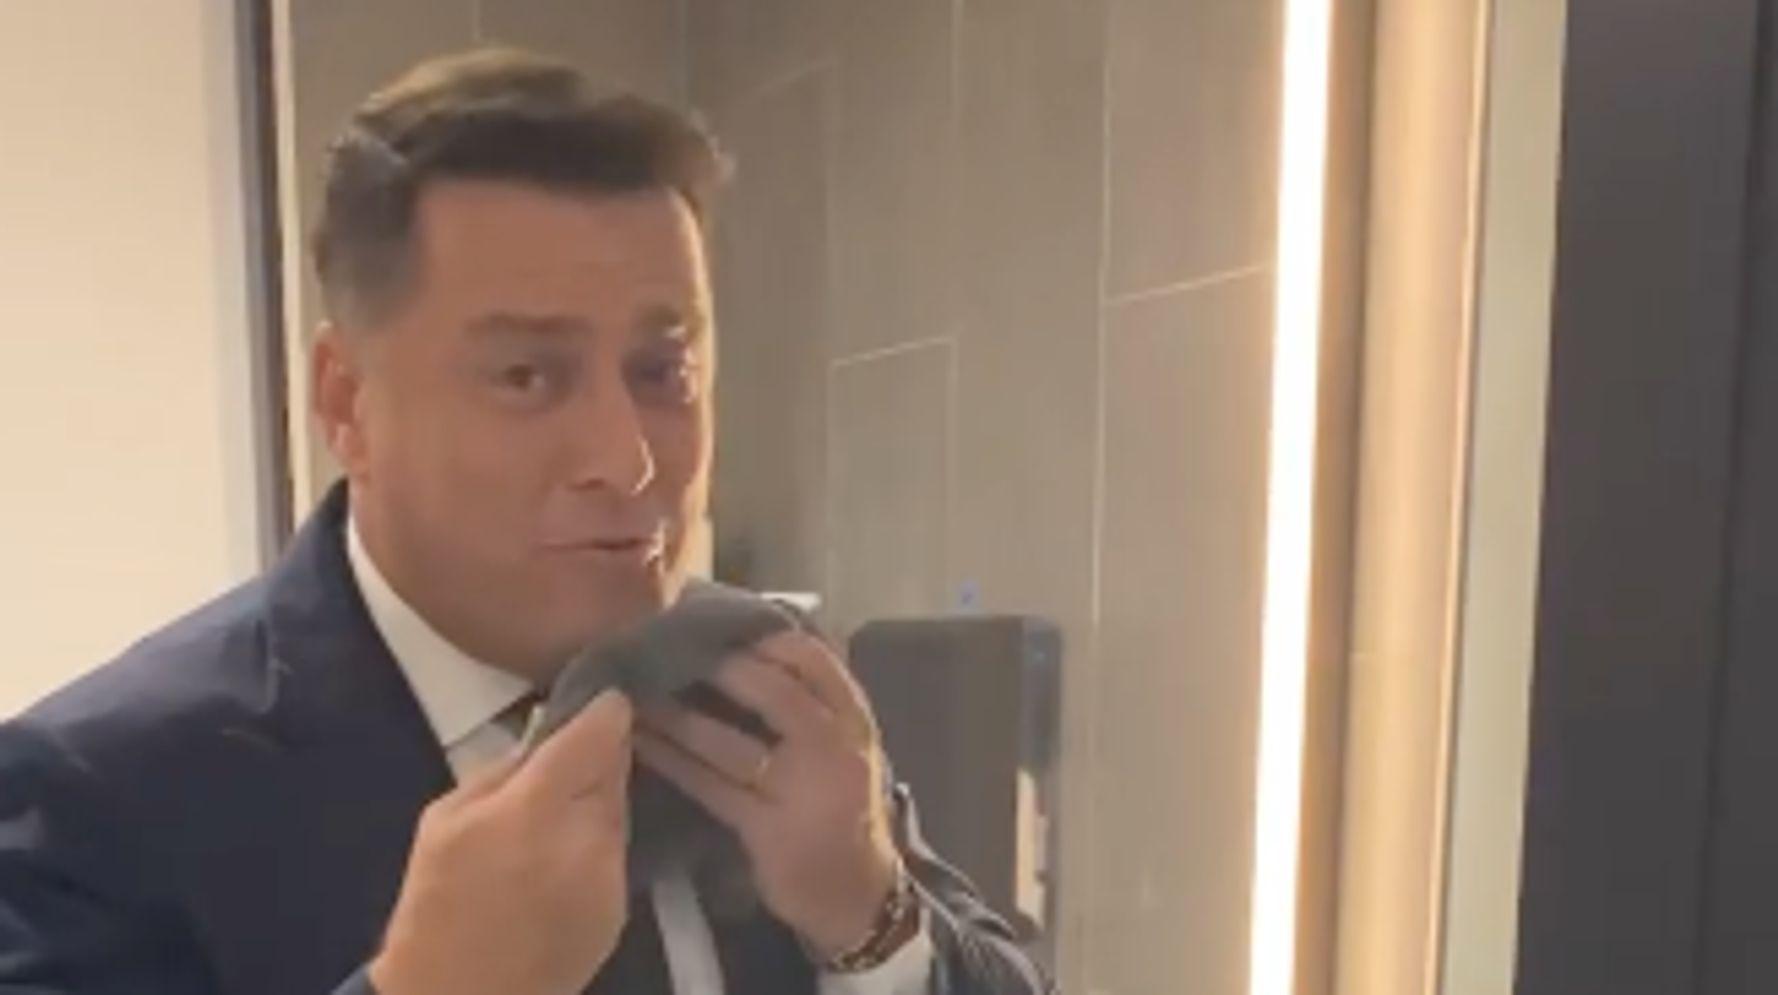 Behind-The-Scenes Video Reveals Karl Stefanovic's 'Weird' Shower Habit